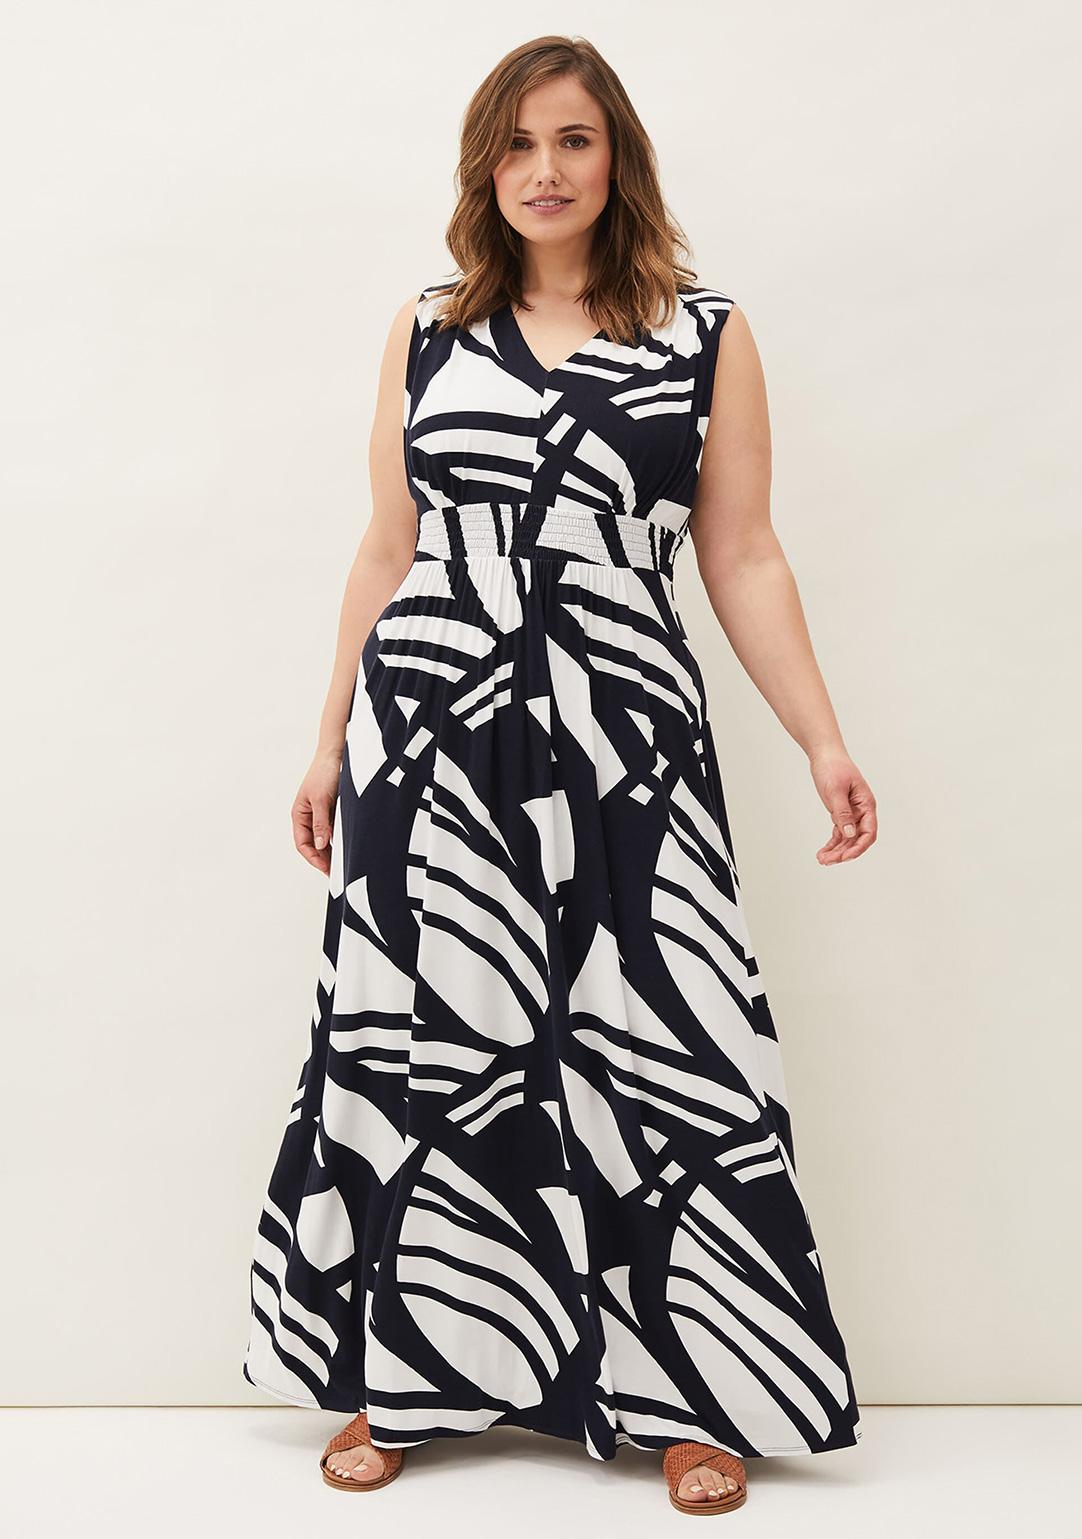 The Ostia Maxi Dress